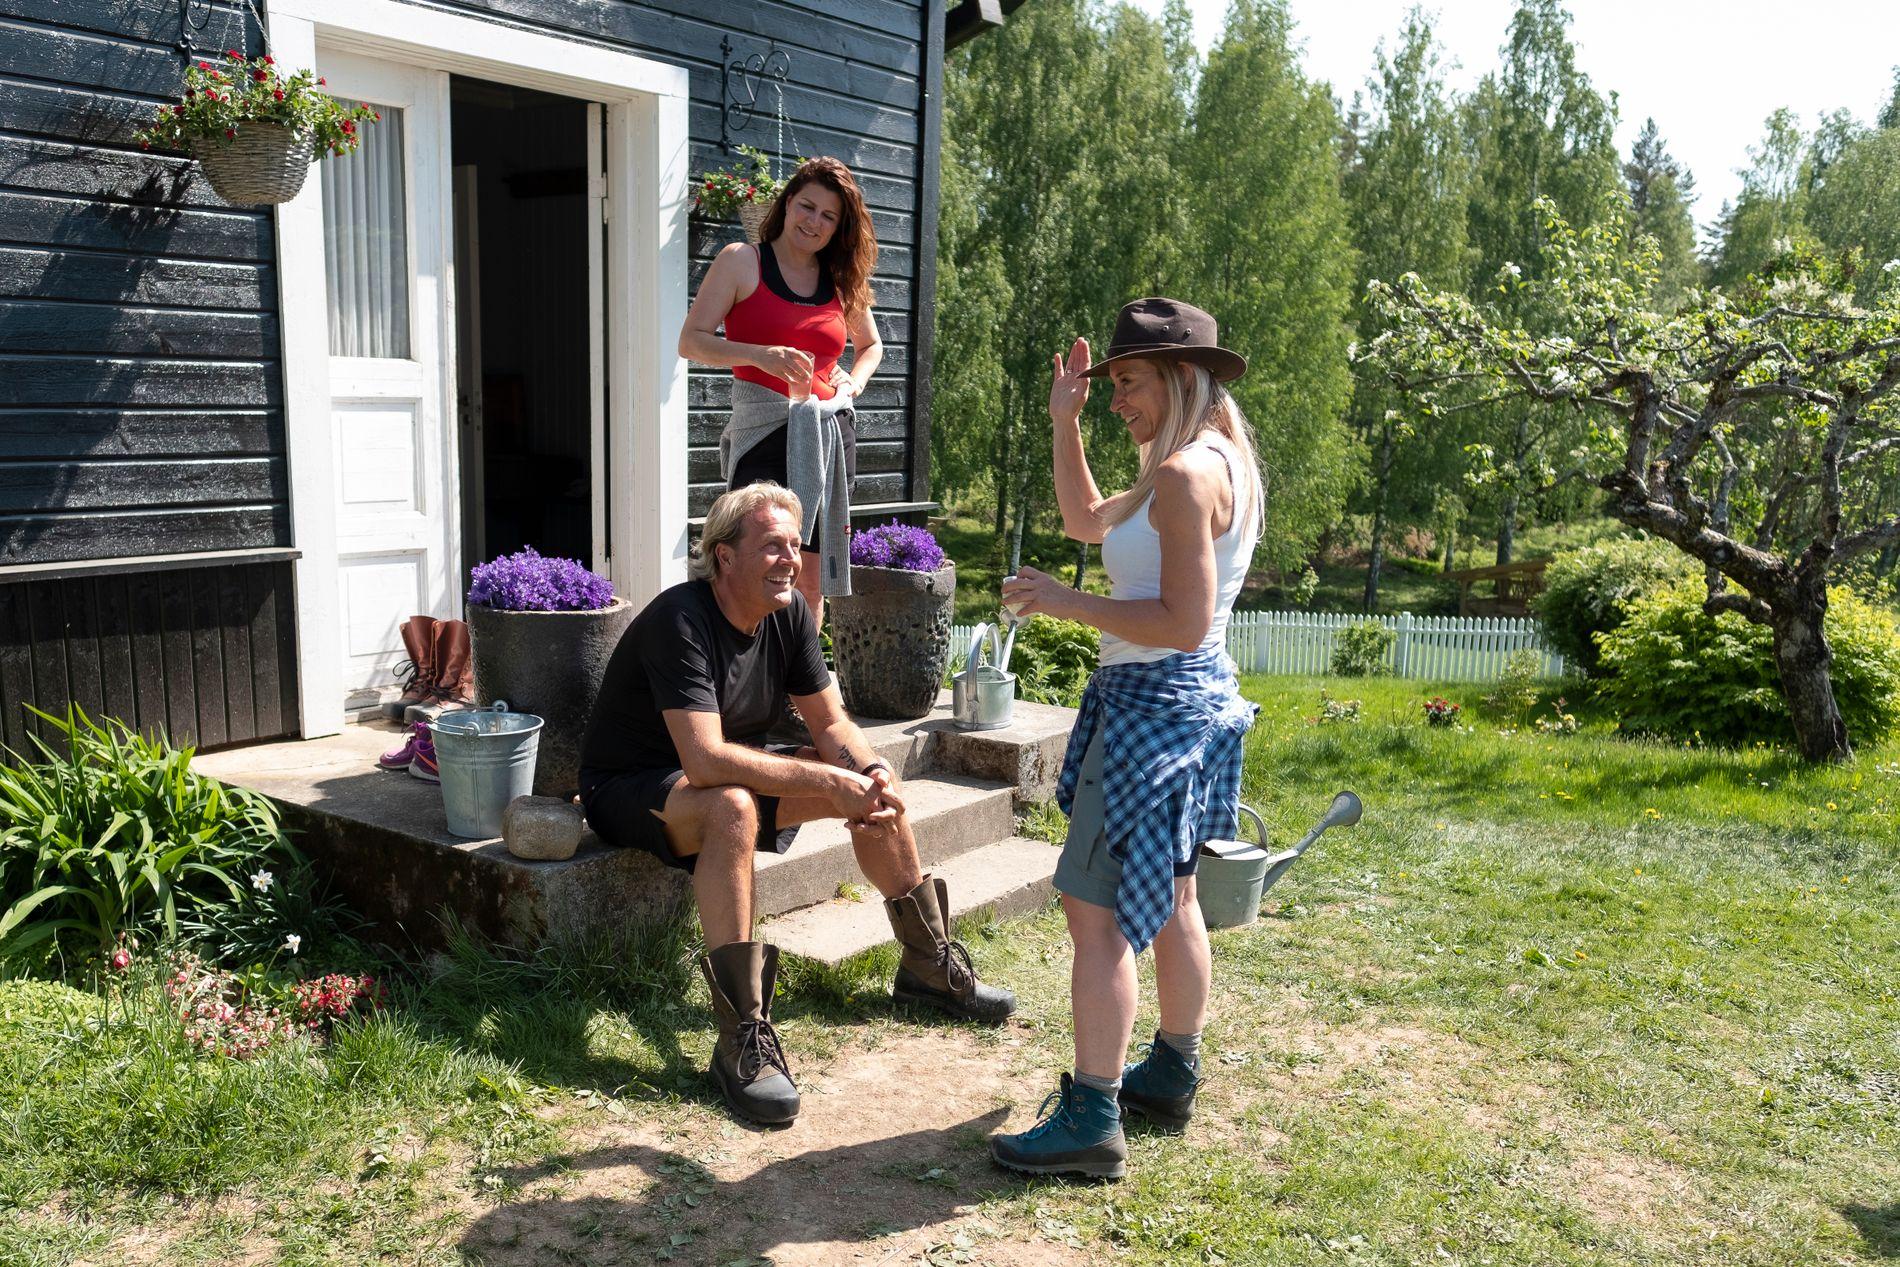 BLE STORBONDE: Trude Mostue (til høyre) ble den første storbonden i årets «Farmen kjendis». Dermed er hun sjef for blant andre Runar Søgaard og Donna Ioanna, som ikke akkurat kom veldig godt overens den første uken.